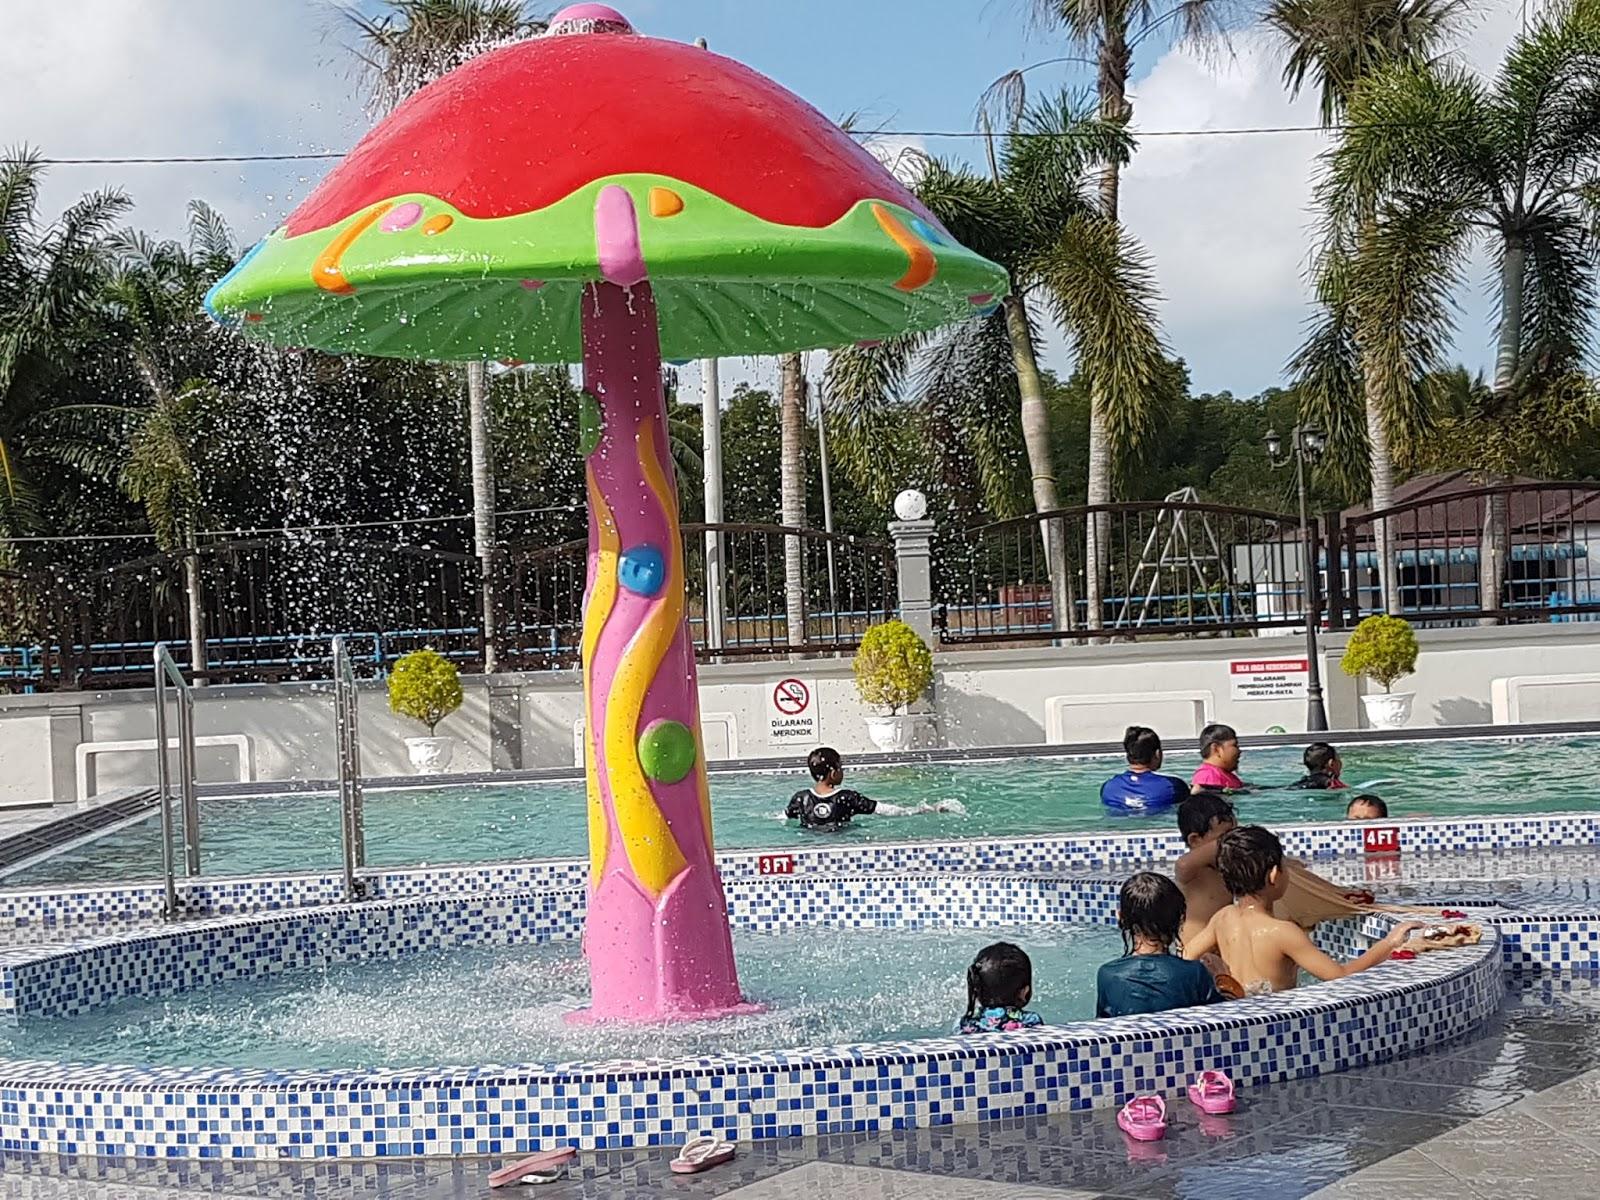 Senarai Tempat Menarik di Johor untuk Cuti-cuti Malaysia